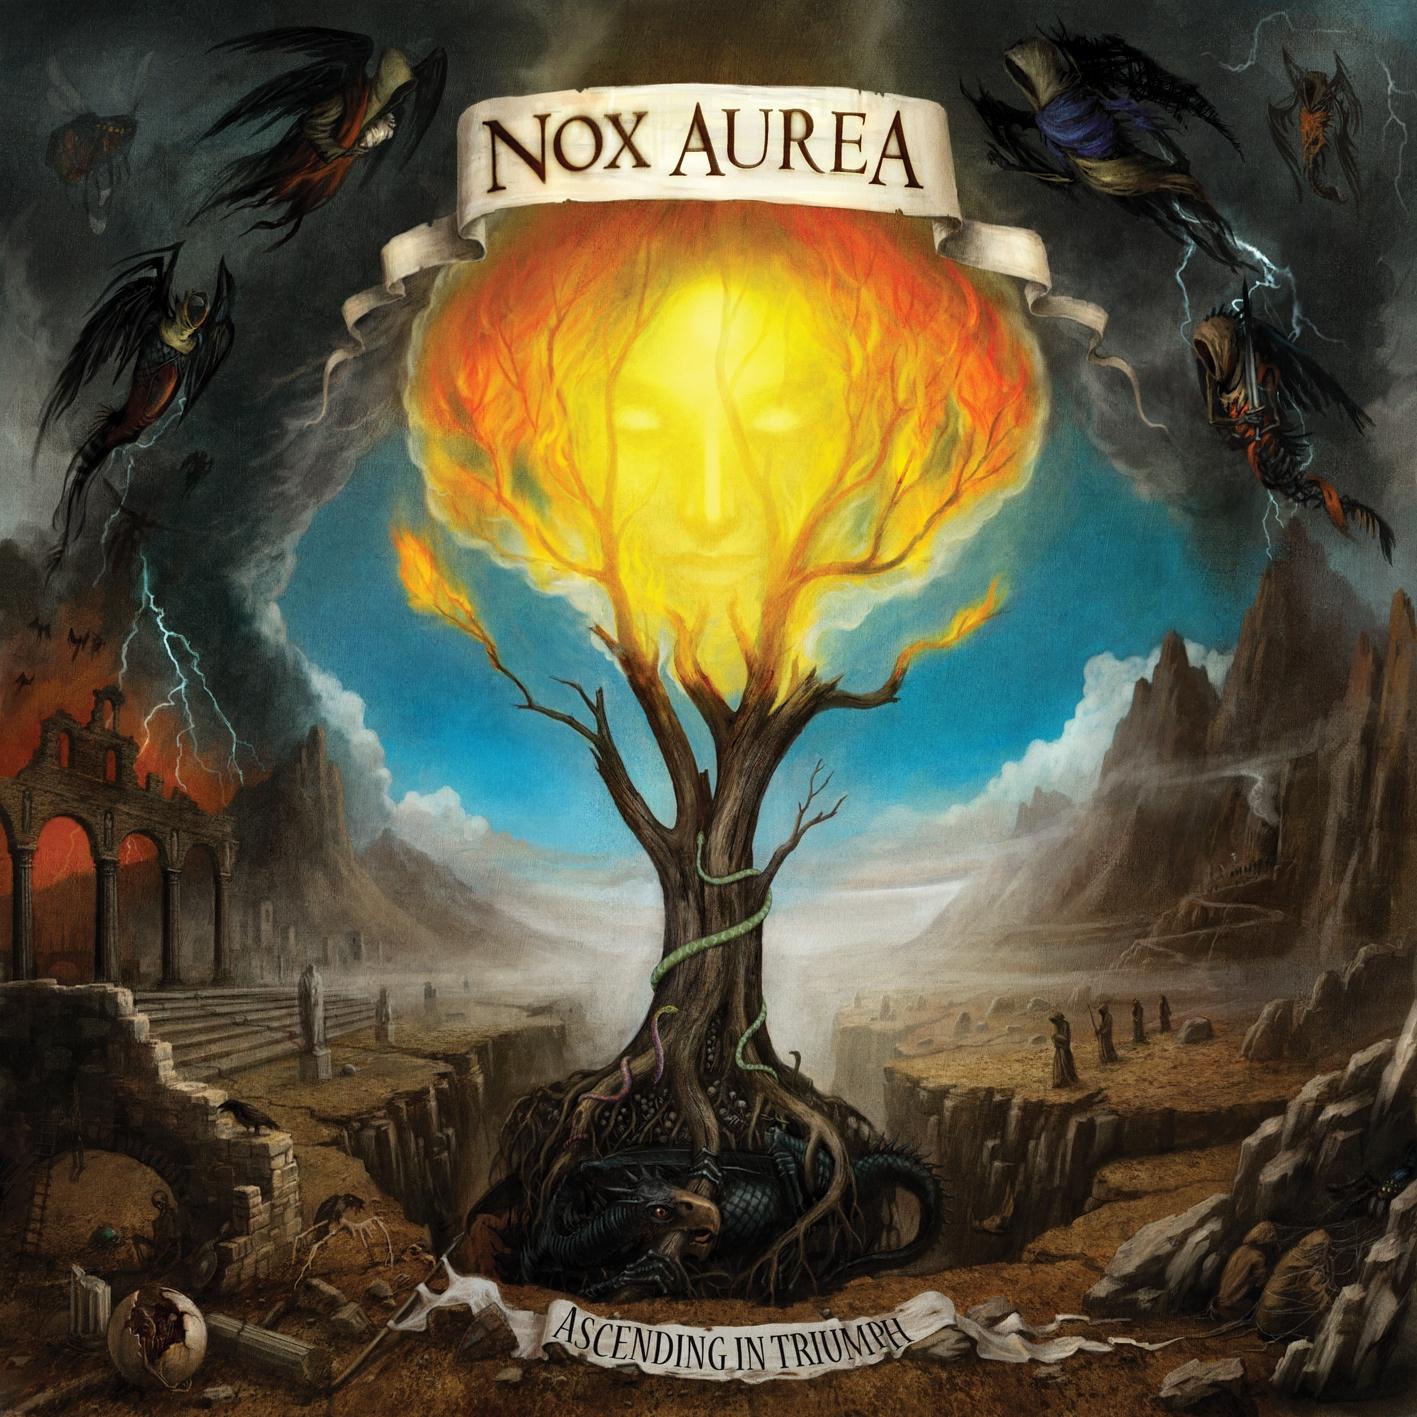 Nox Aurea – Ascending in Triumph Review